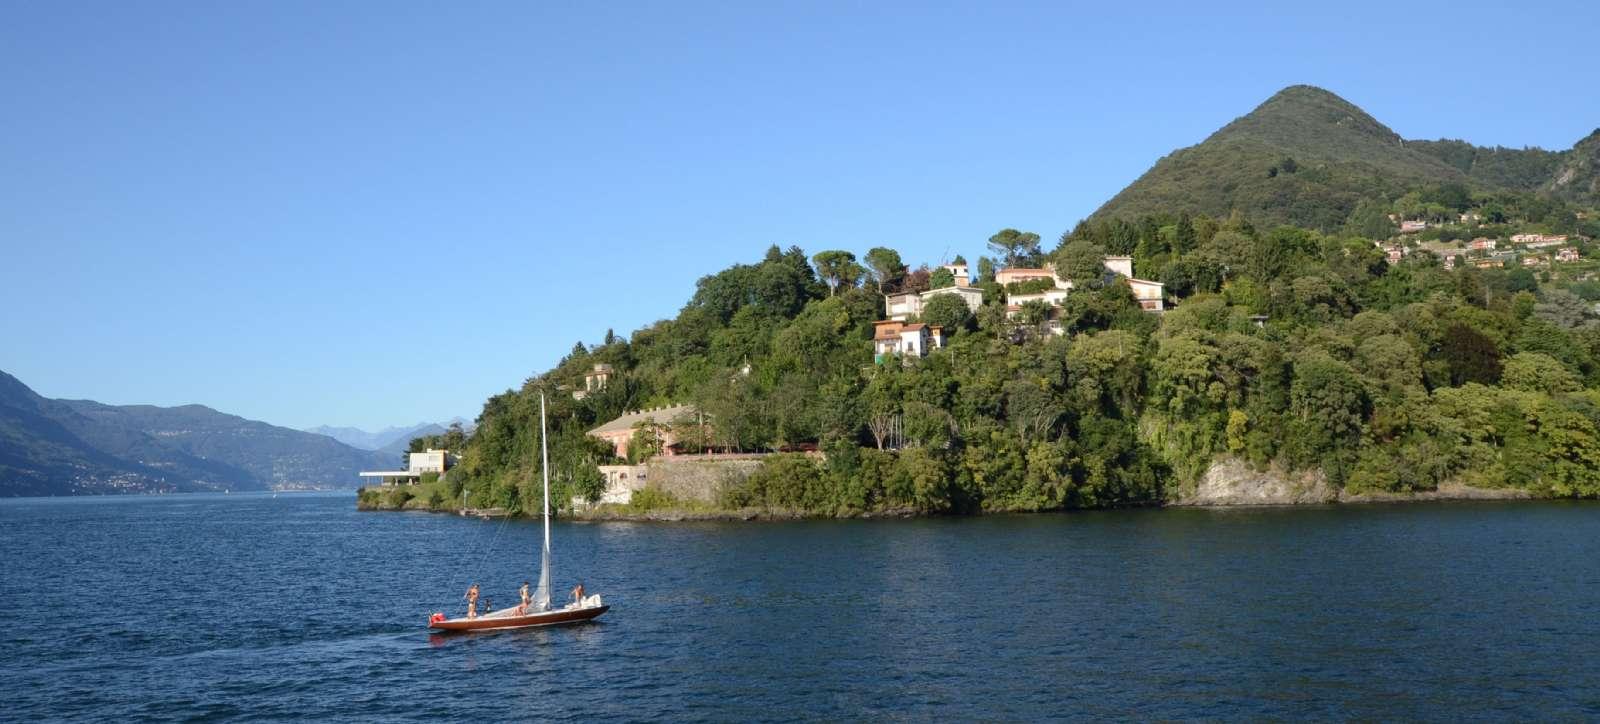 Maggioresøen opfordrer til at livet også leves på søen